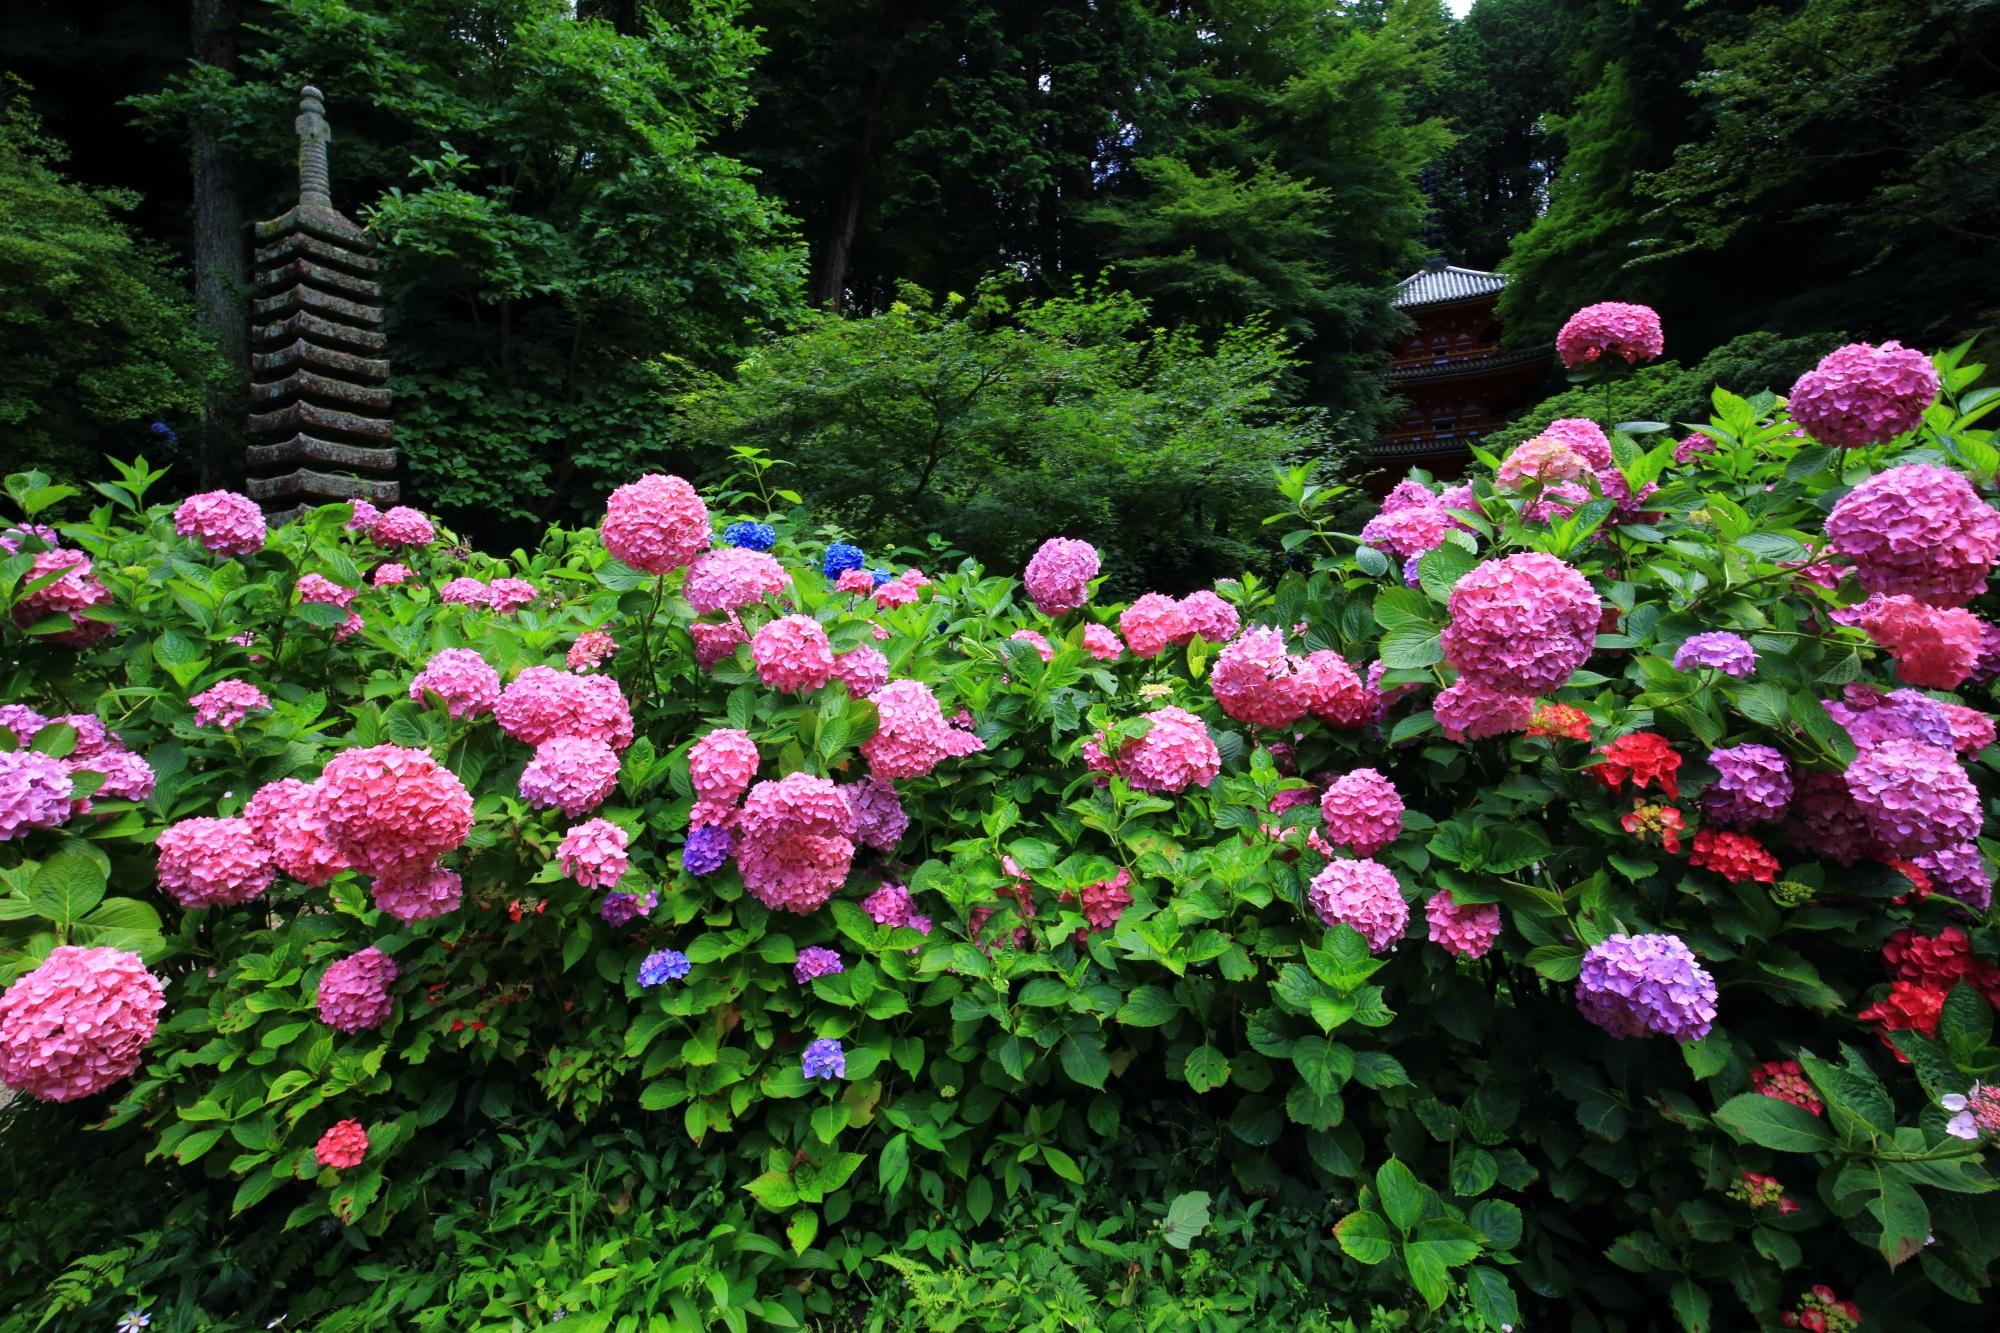 岩船寺の三重塔と十三石塔とピンクのボールが飛び跳ねるような紫陽花